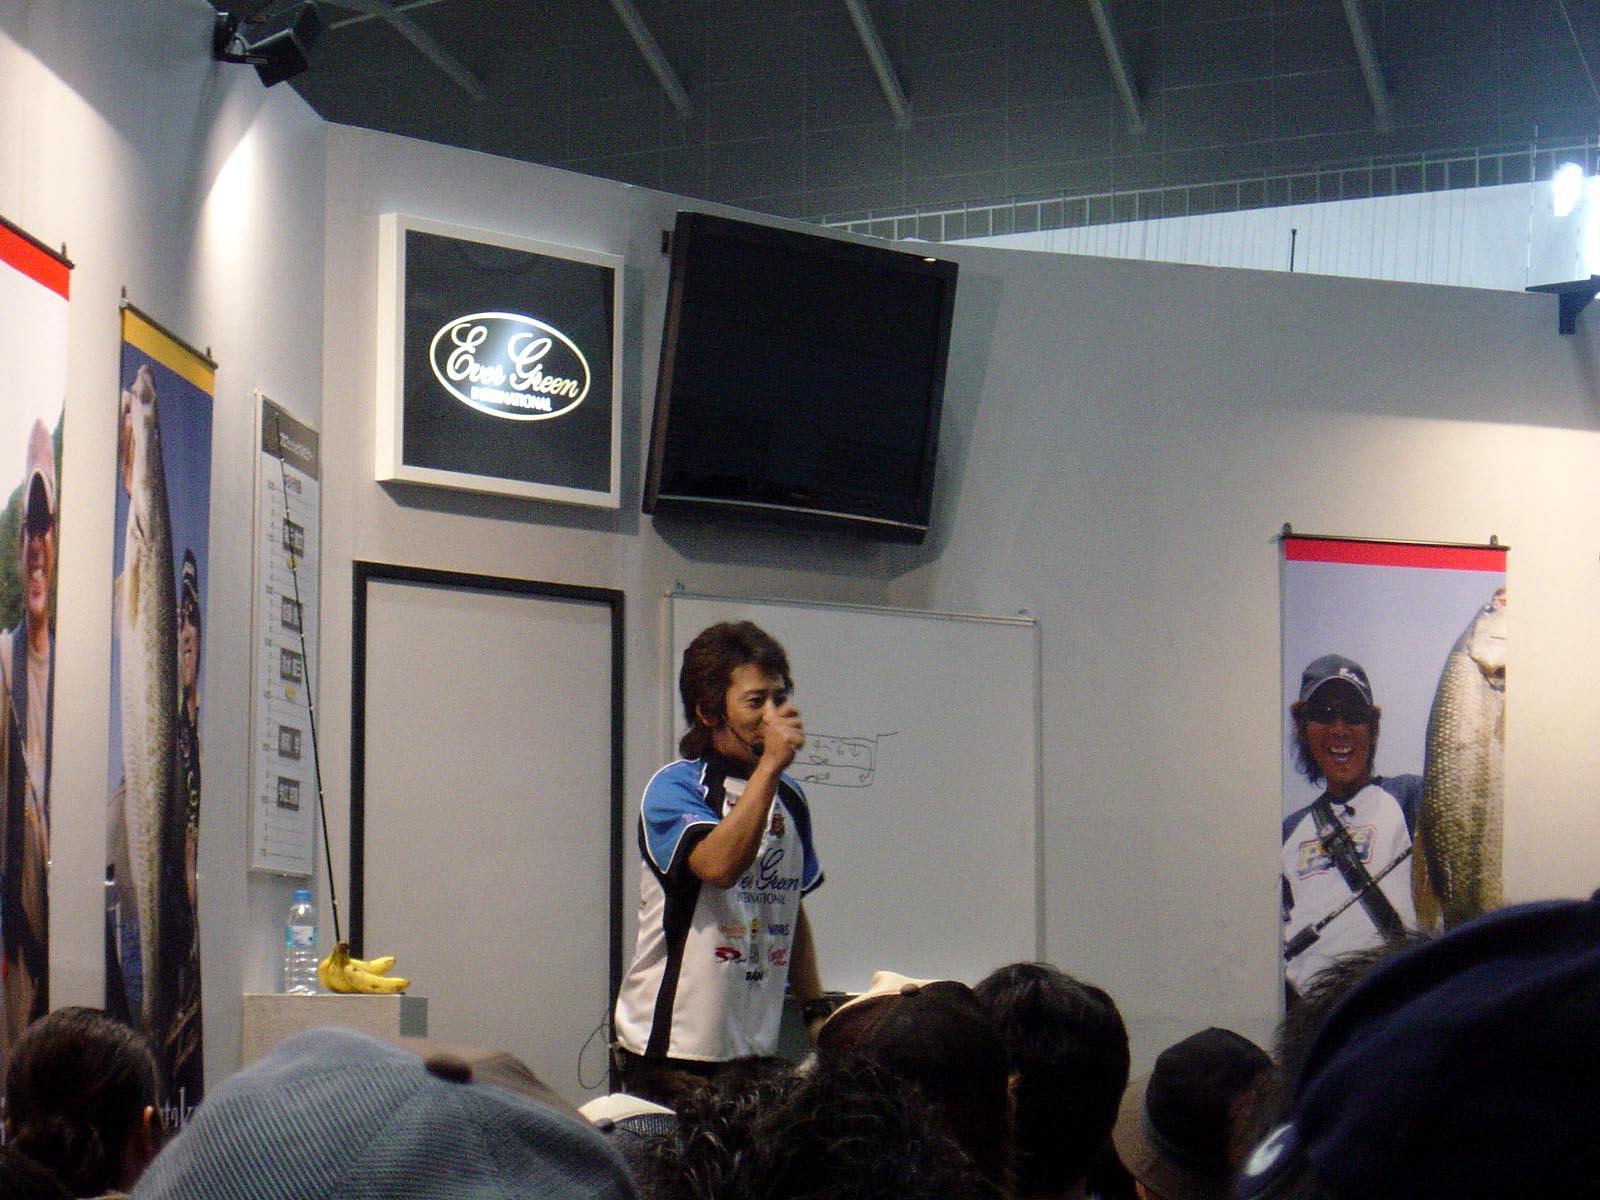 行って参りましたよぉ~ 国際フィッシングショー2009 in横浜_c0008395_0395821.jpg